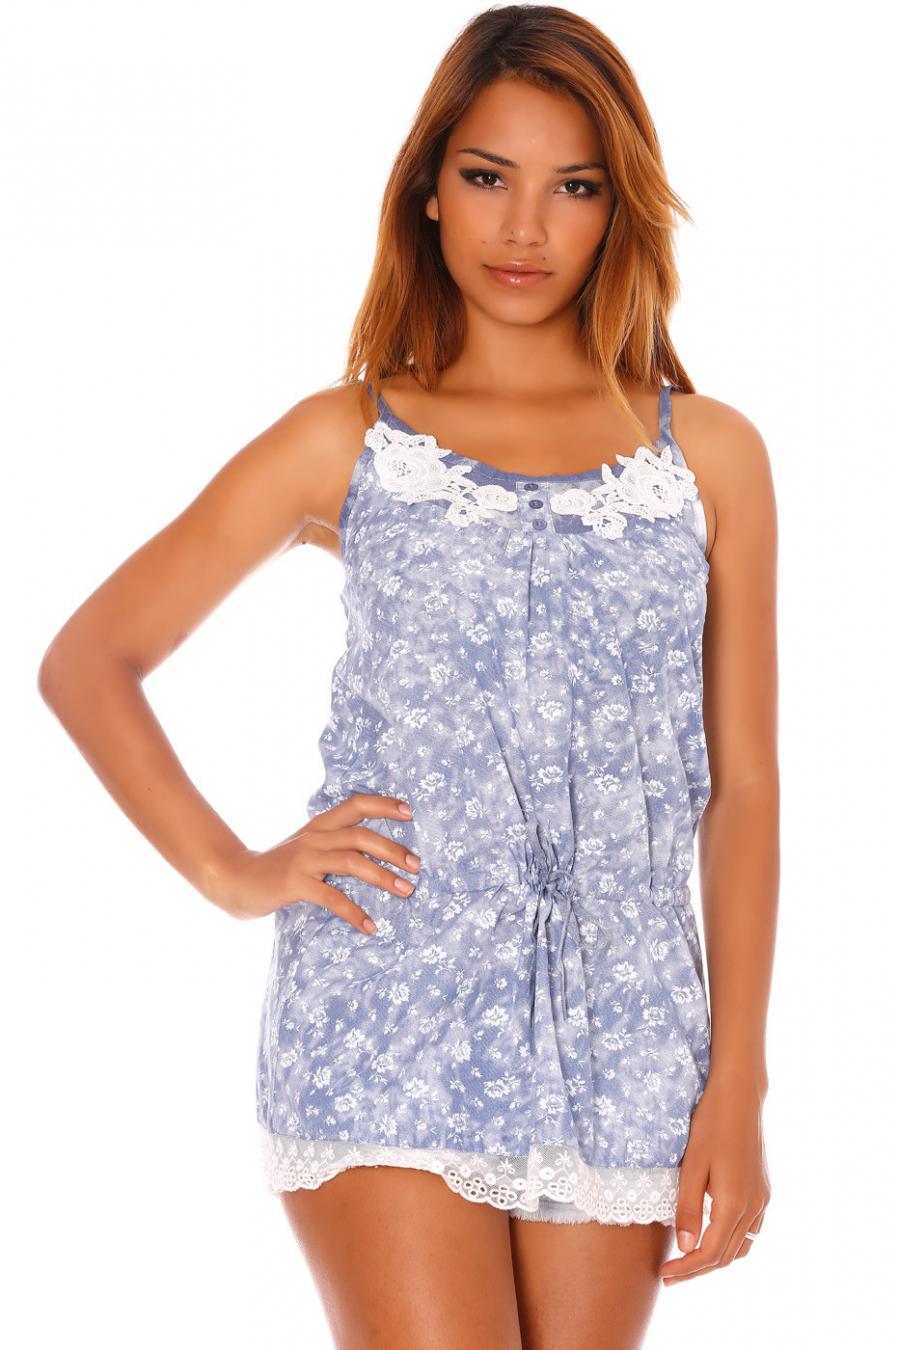 Blauwe jarreteltop met kant en bloemenpatroon - P0030